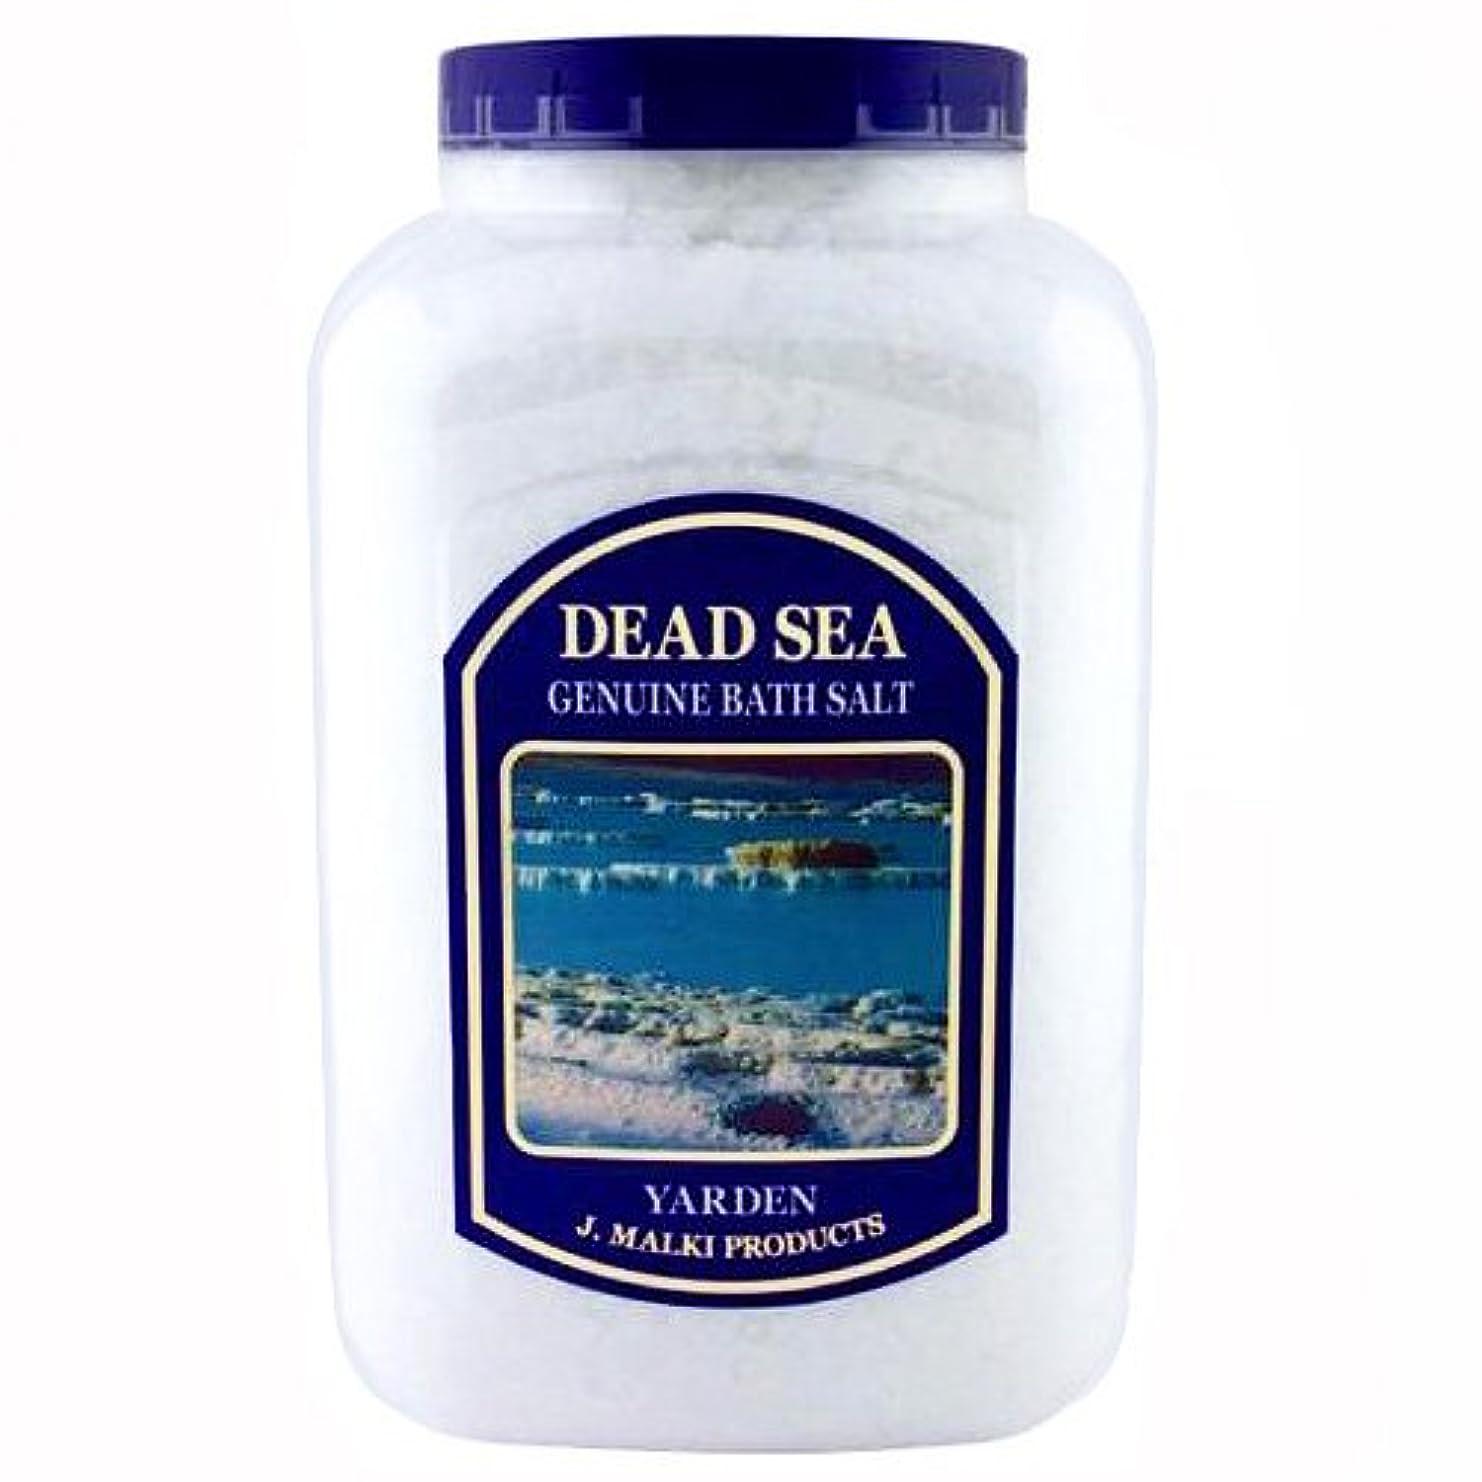 賄賂波紋ペストリーデッドシー?バスソルト 4.5kg(約45回分)【DEAD SEA BATH SALT】死海の塩/入浴剤(入浴用化粧品)【正規販売店】